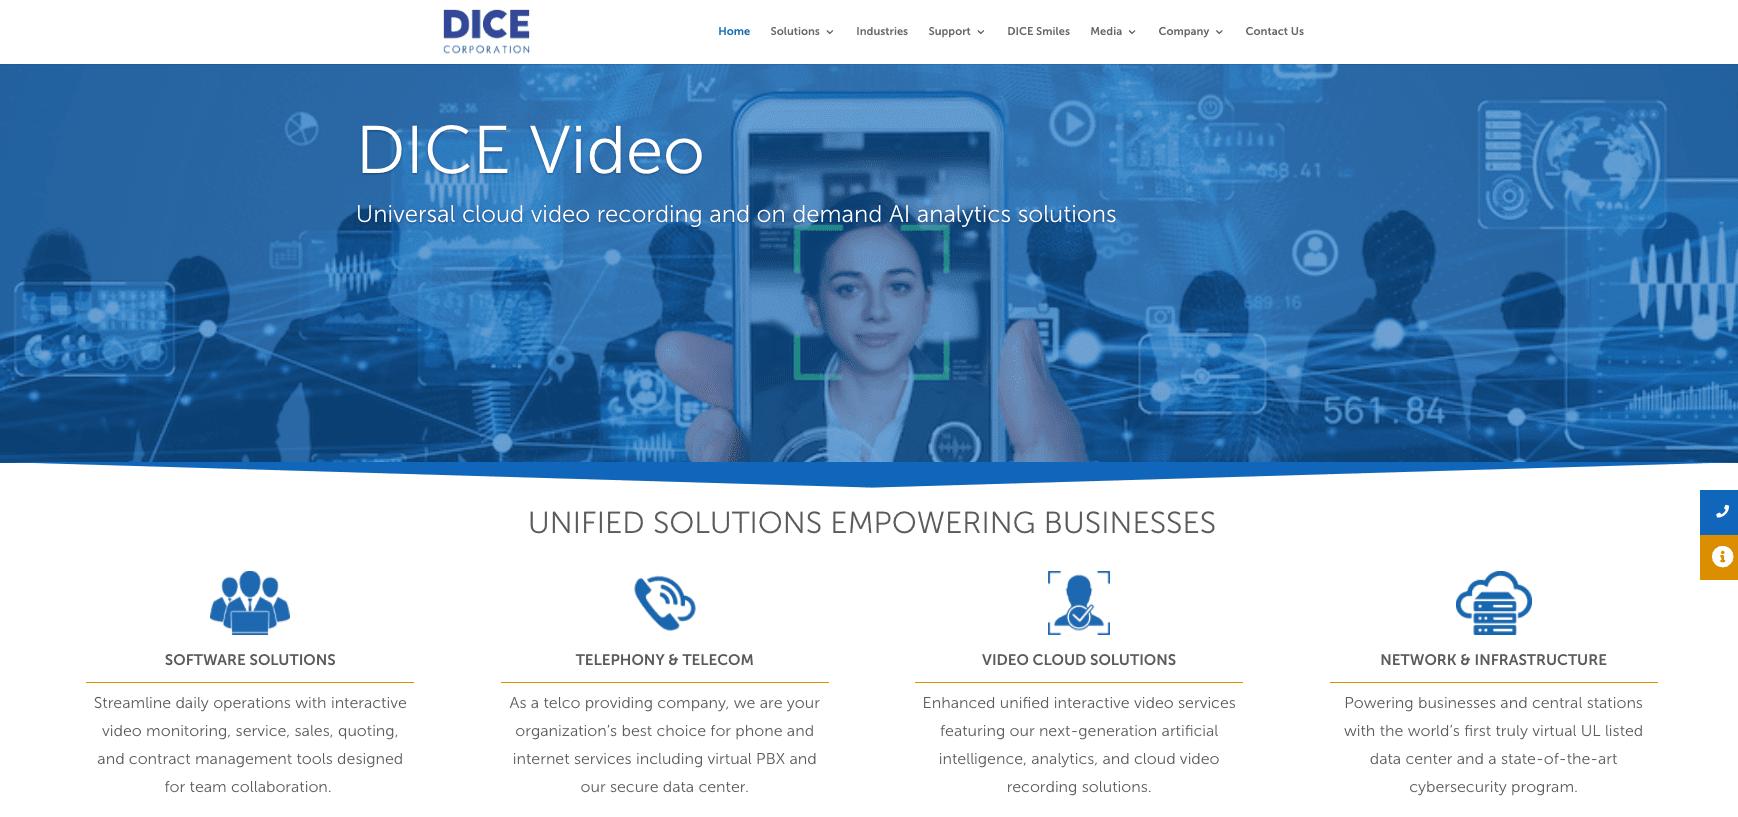 DICE Corporation Website